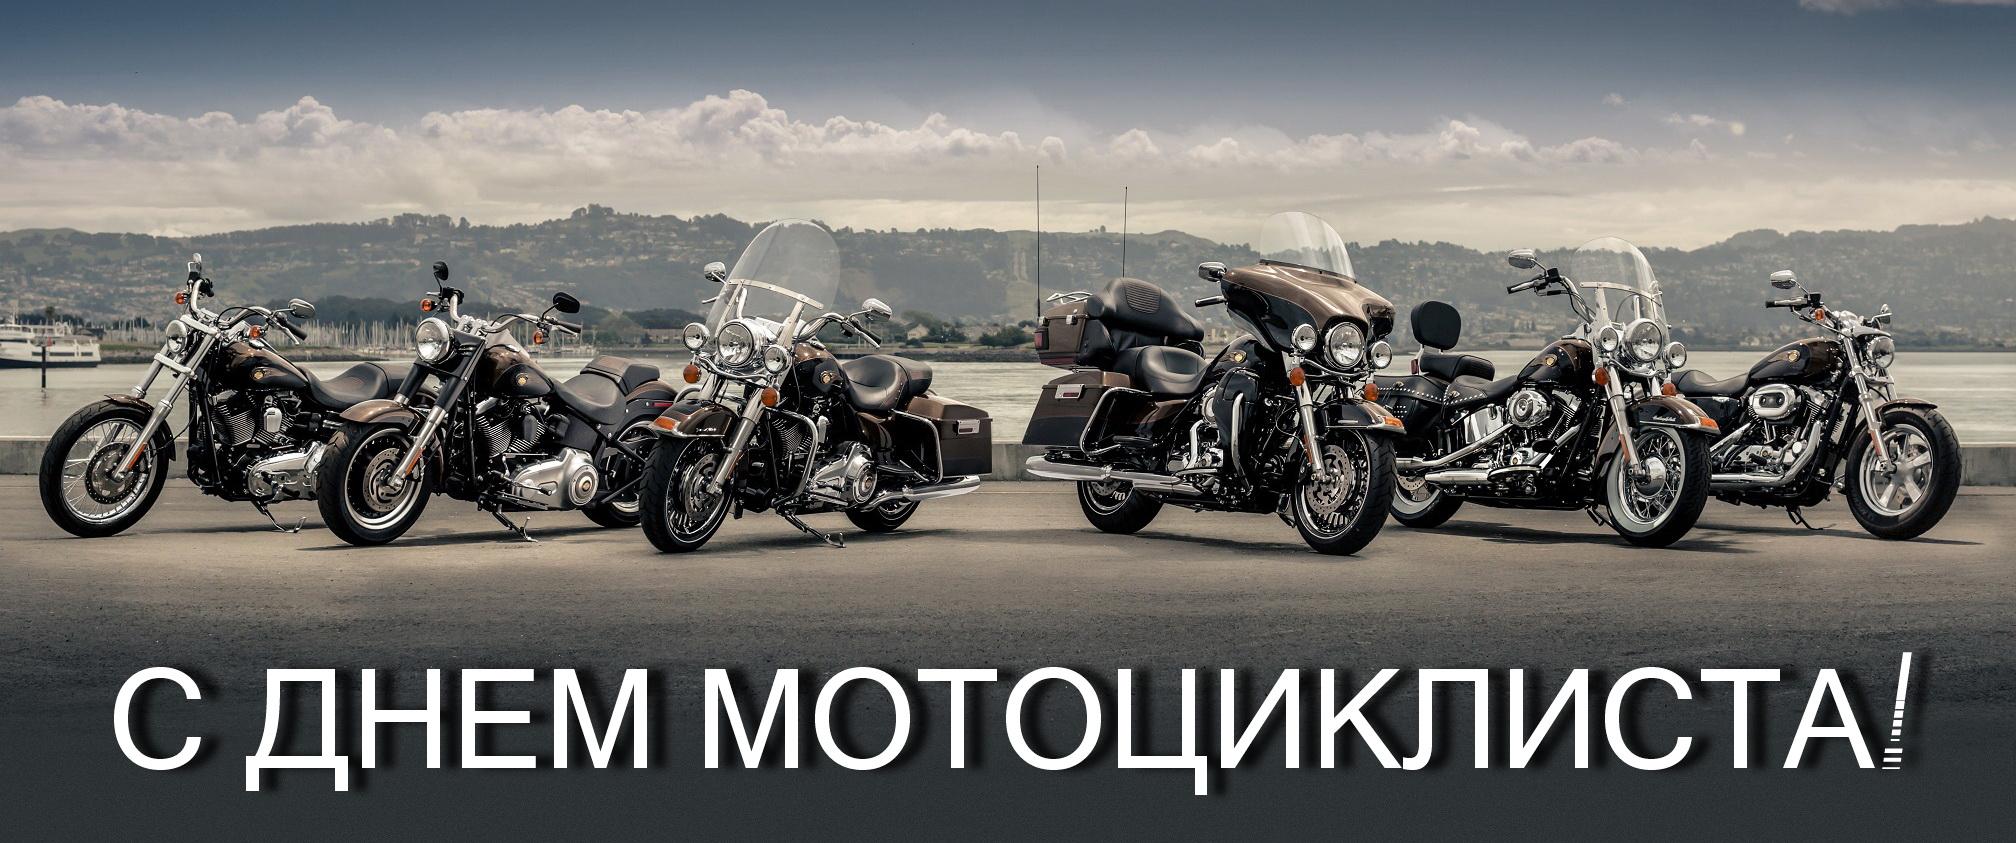 международный день мотоциклиста открытки клубники